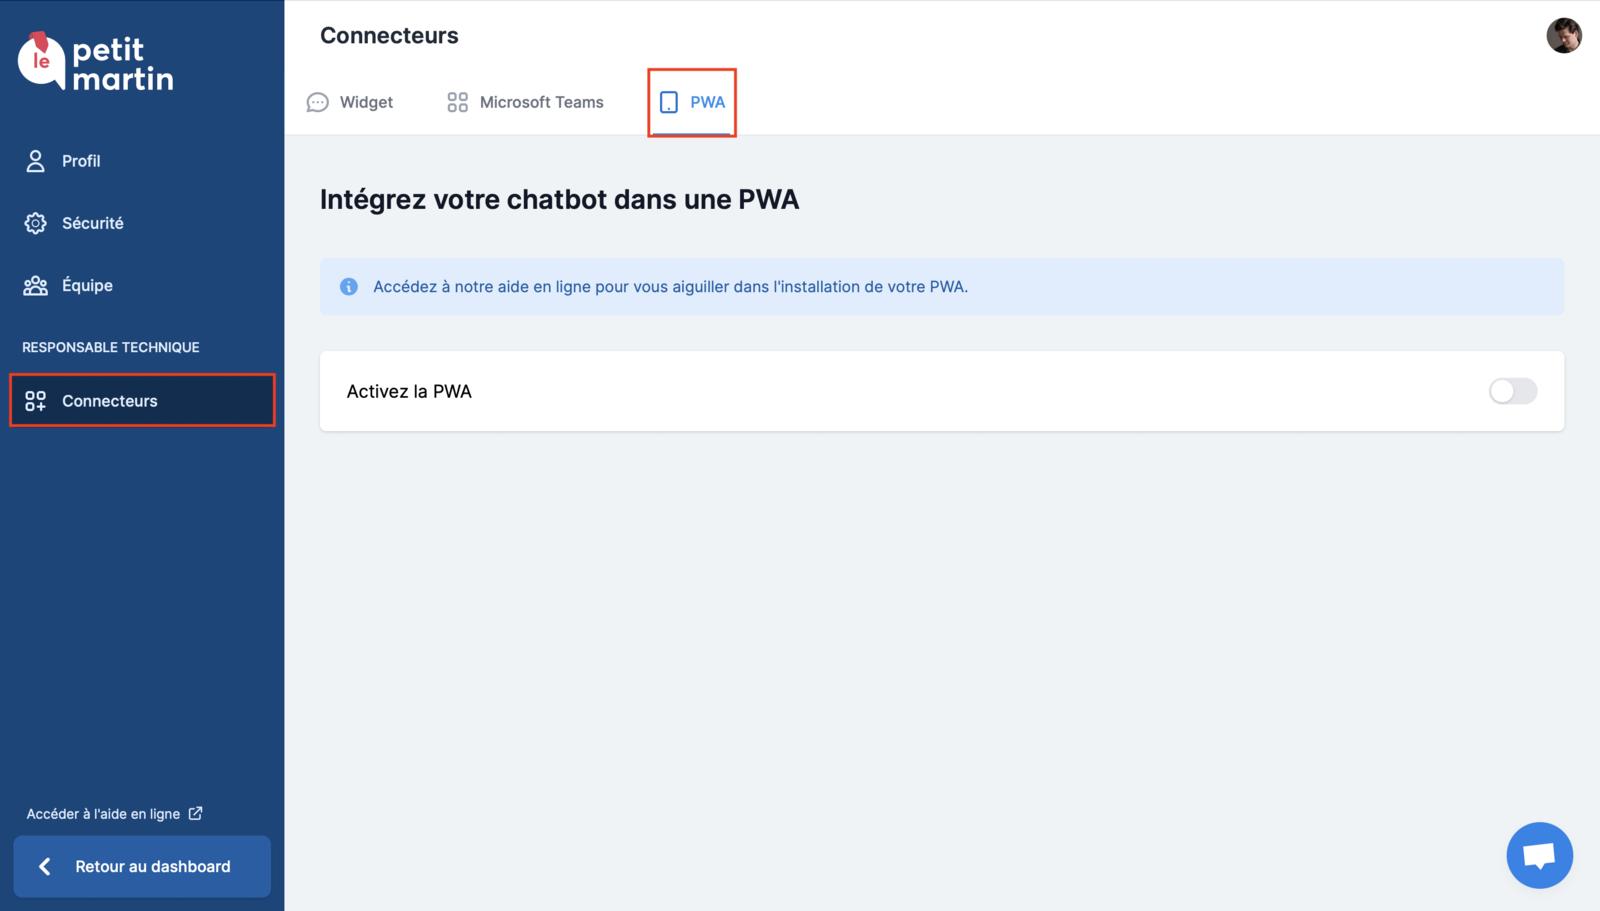 Accès à la page de configuration de la PWA